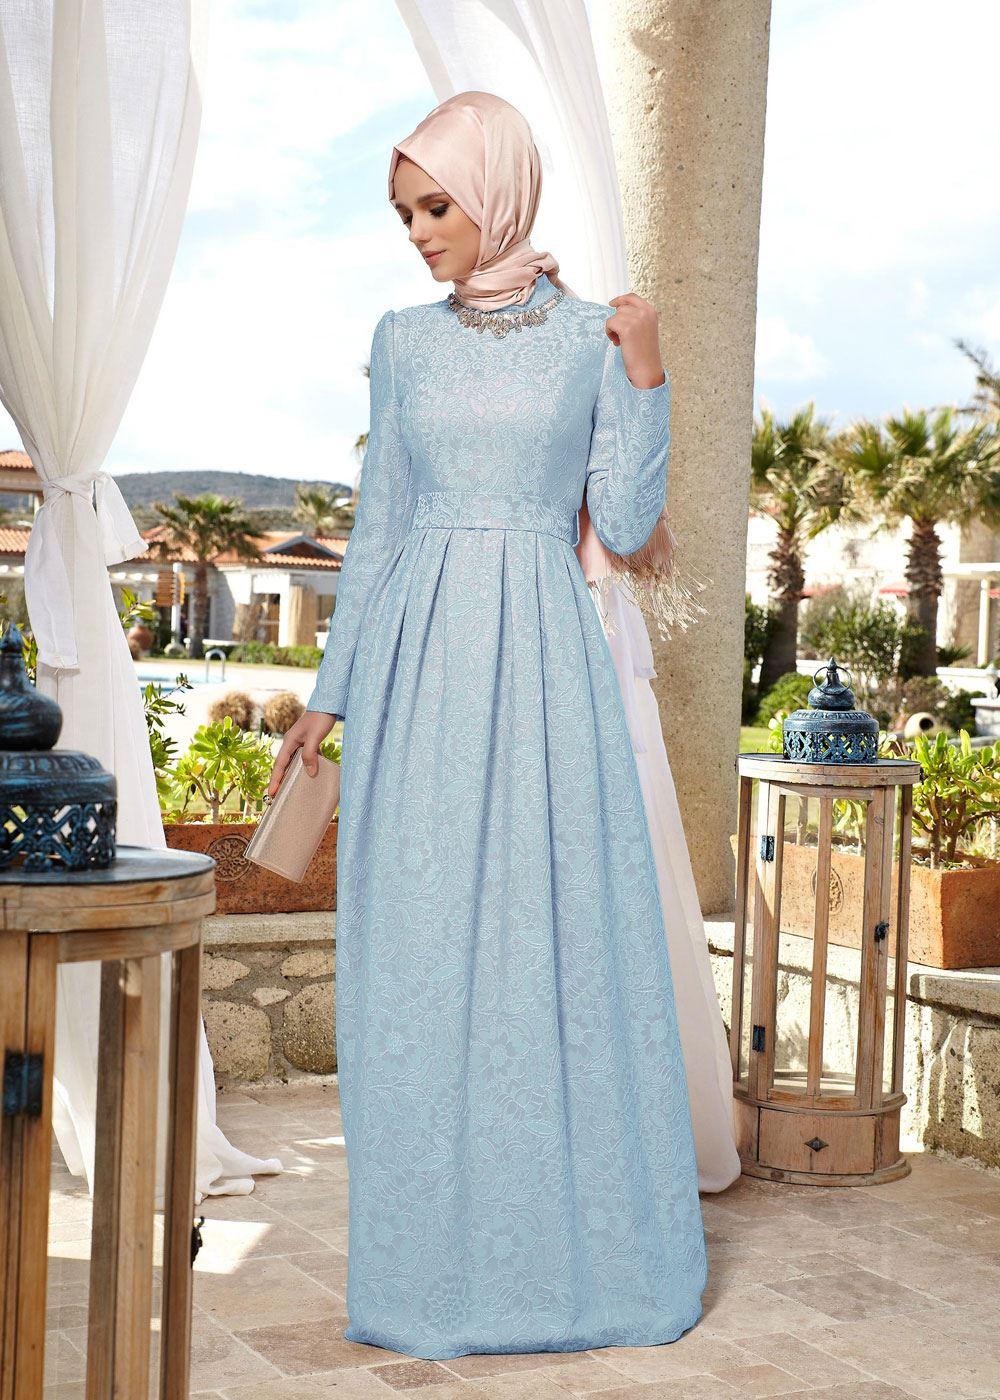 29f4545e99301 Alvina Giyim Tesettür Jakarlı Elbise Modelleri 2016